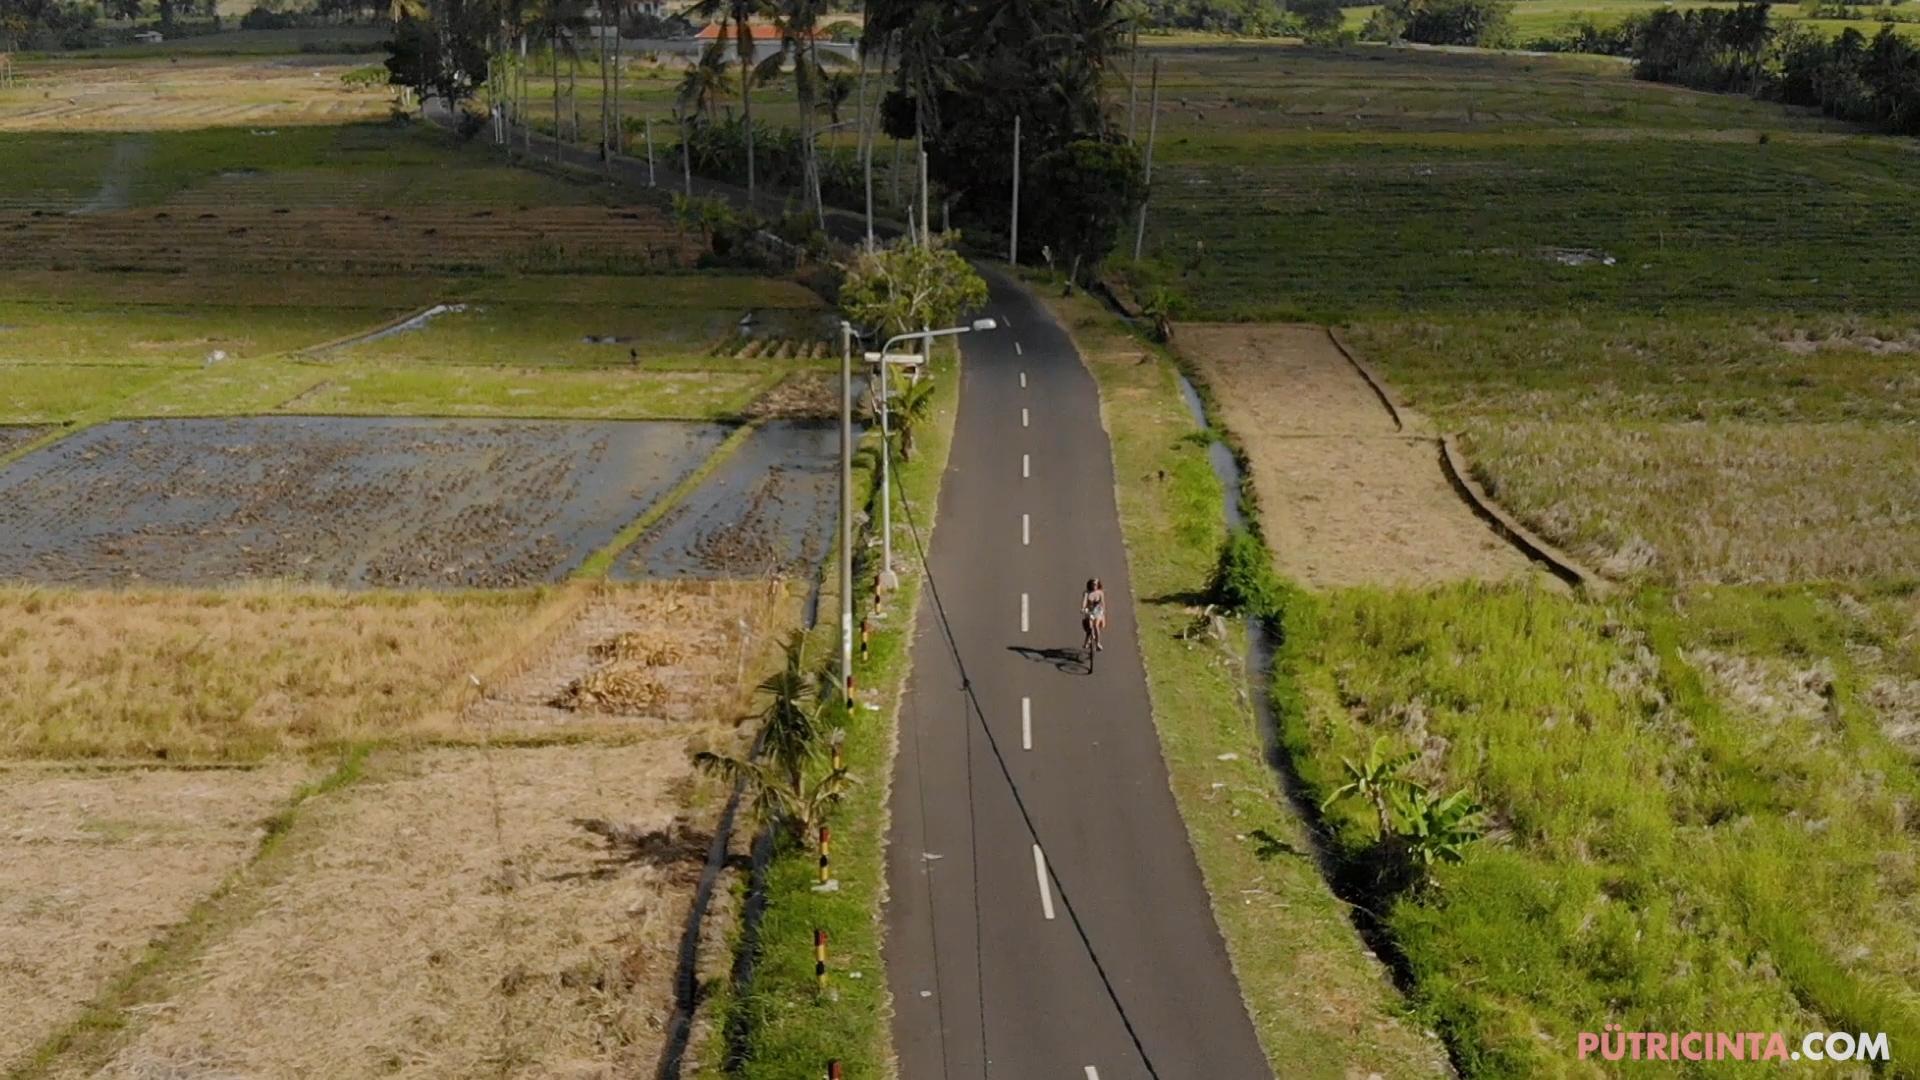 024-cyclingcommando-Putri-Cinta-BTS-stills-16.jpg